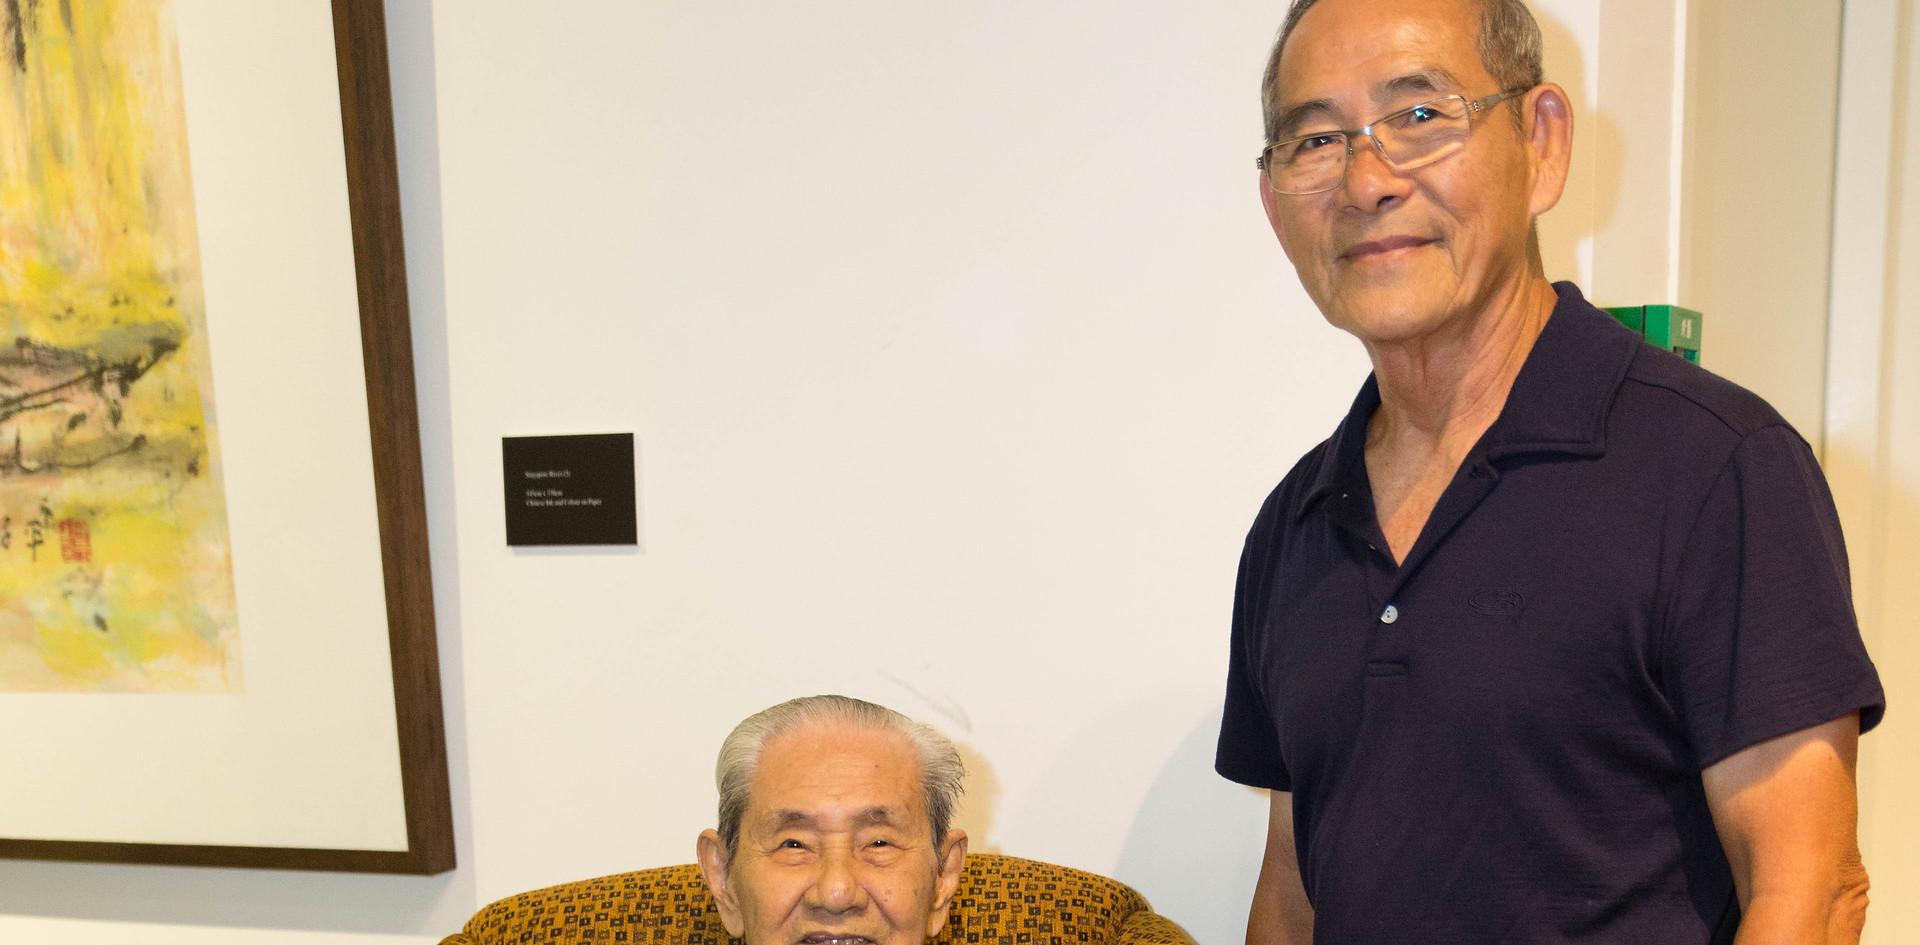 Mr. Lim Tze Peng and Mr. Peh Eng Seng